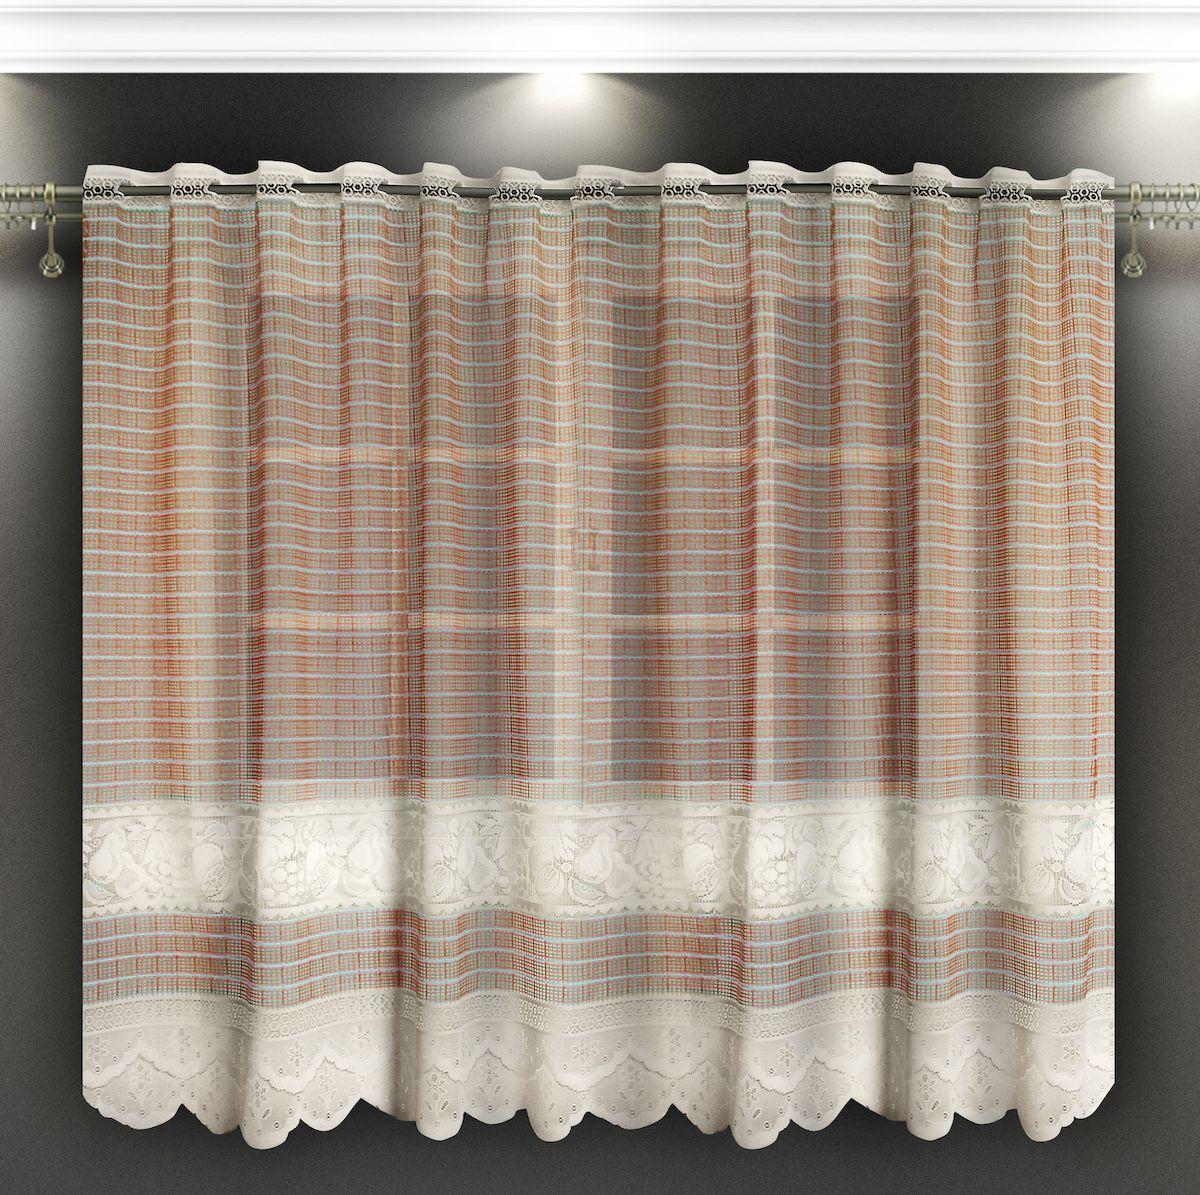 Гардина Zlata Korunka, на зажимах, цвет: бежевый, высота 160 см. 8886940.13.64.0246Гардина Zlata Korunka, изготовленная из высококачественного полиэстера, станет великолепным украшением любого окна. Тюле-кружевная текстура полотна привлечет к себе внимание и органично впишется в интерьер. Оригинальное оформление гардины внесет разнообразие и подарит заряд положительного настроения.Крепится на зажимах для штор.